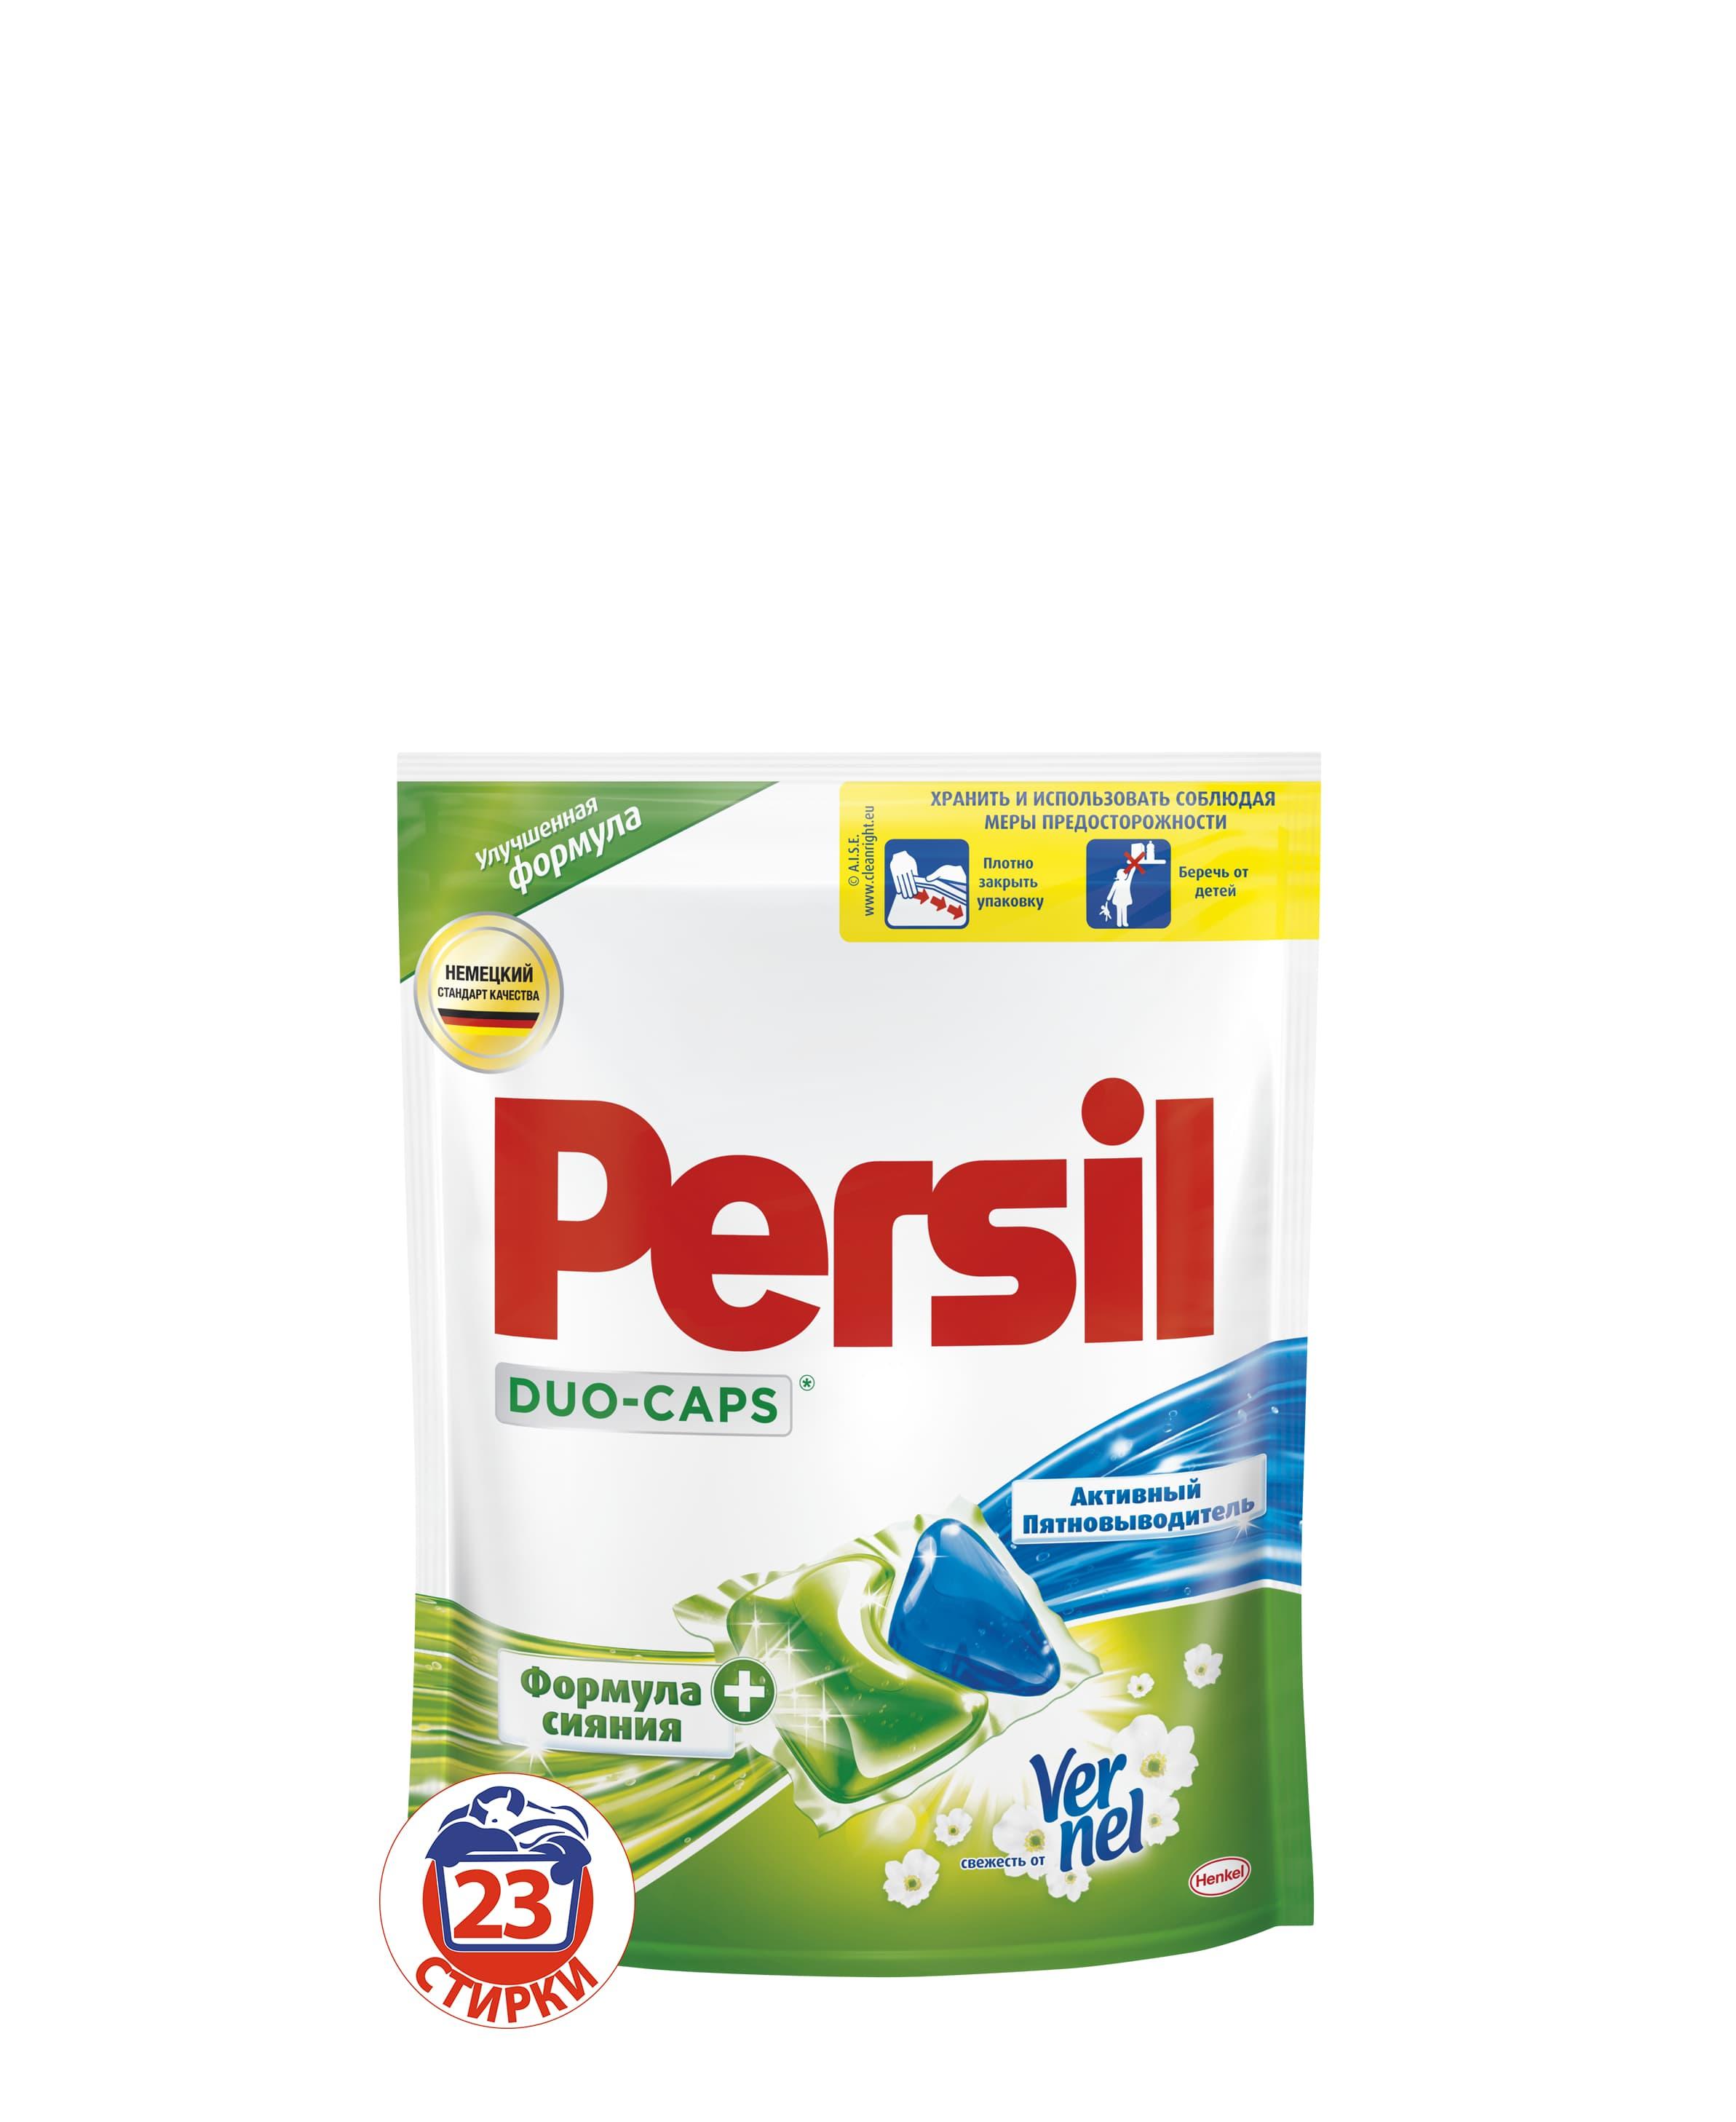 Капсулы для стирки Persil Дуо-капс Свежесть от Vernel 23 шт.935048Persil Дуо-капс - высококонцентрированное жидкое средство для стирки с формулой сияния и активным пятновыводителем. Состав: 15-30% анионные ПАВ, неионогенные ПАВ; 5-15% мыло; Товар сертифицирован.